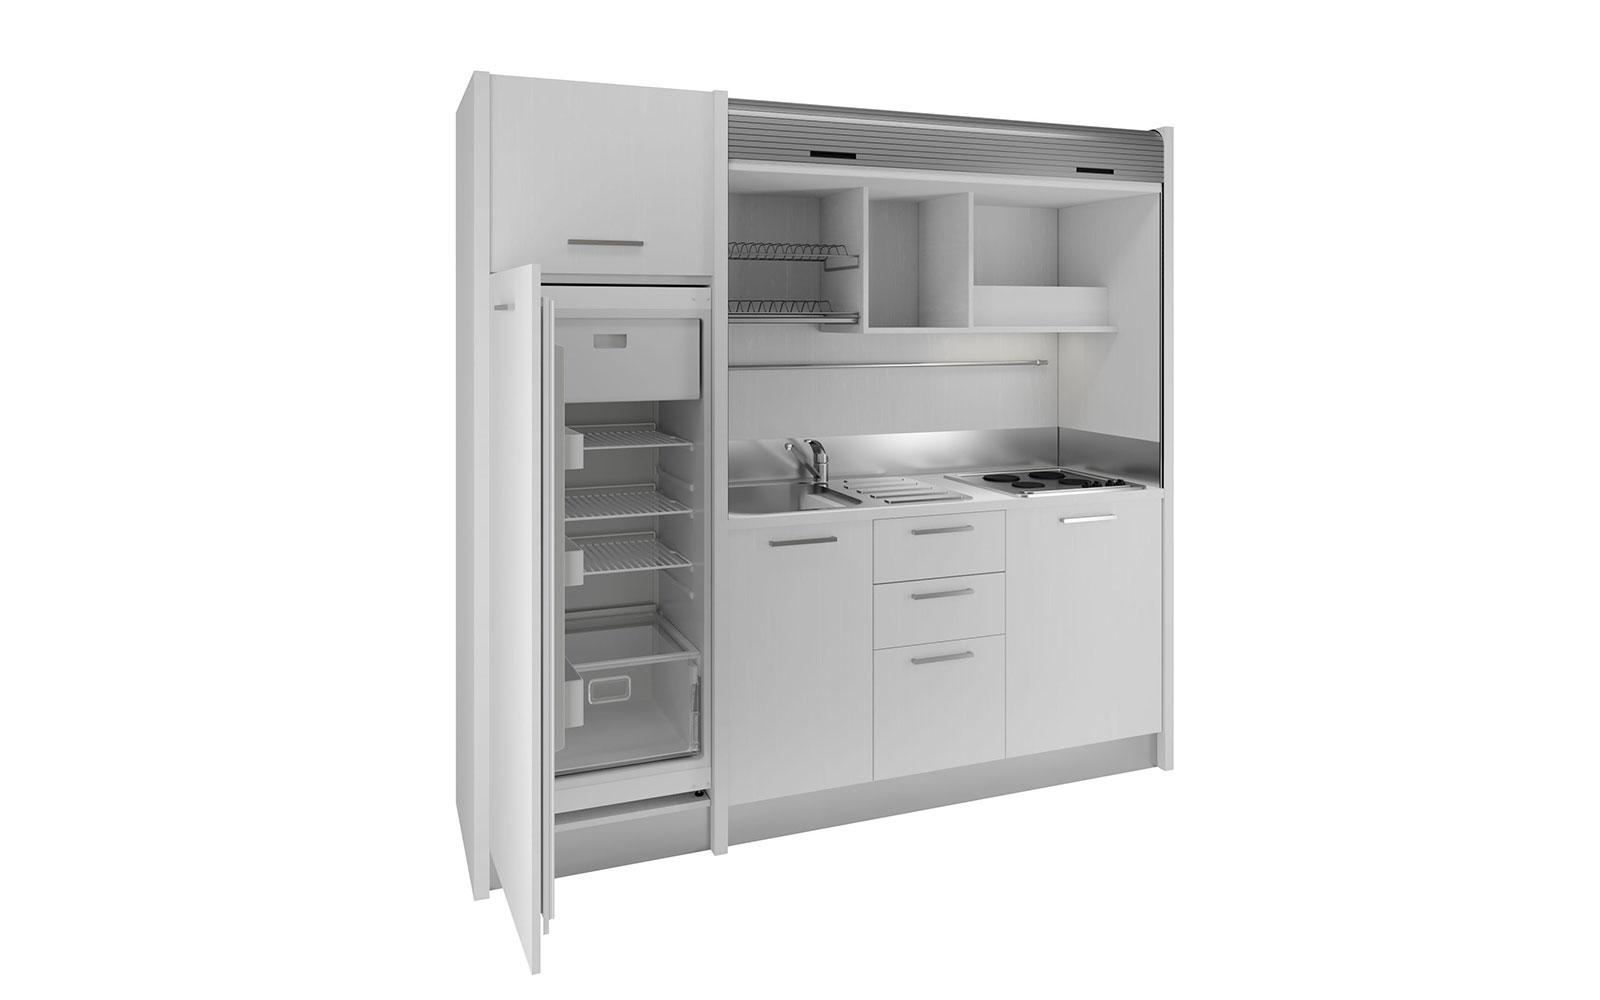 Gallura - Cucina monoblocco a scomparsa 222cm con serranda, grande ...